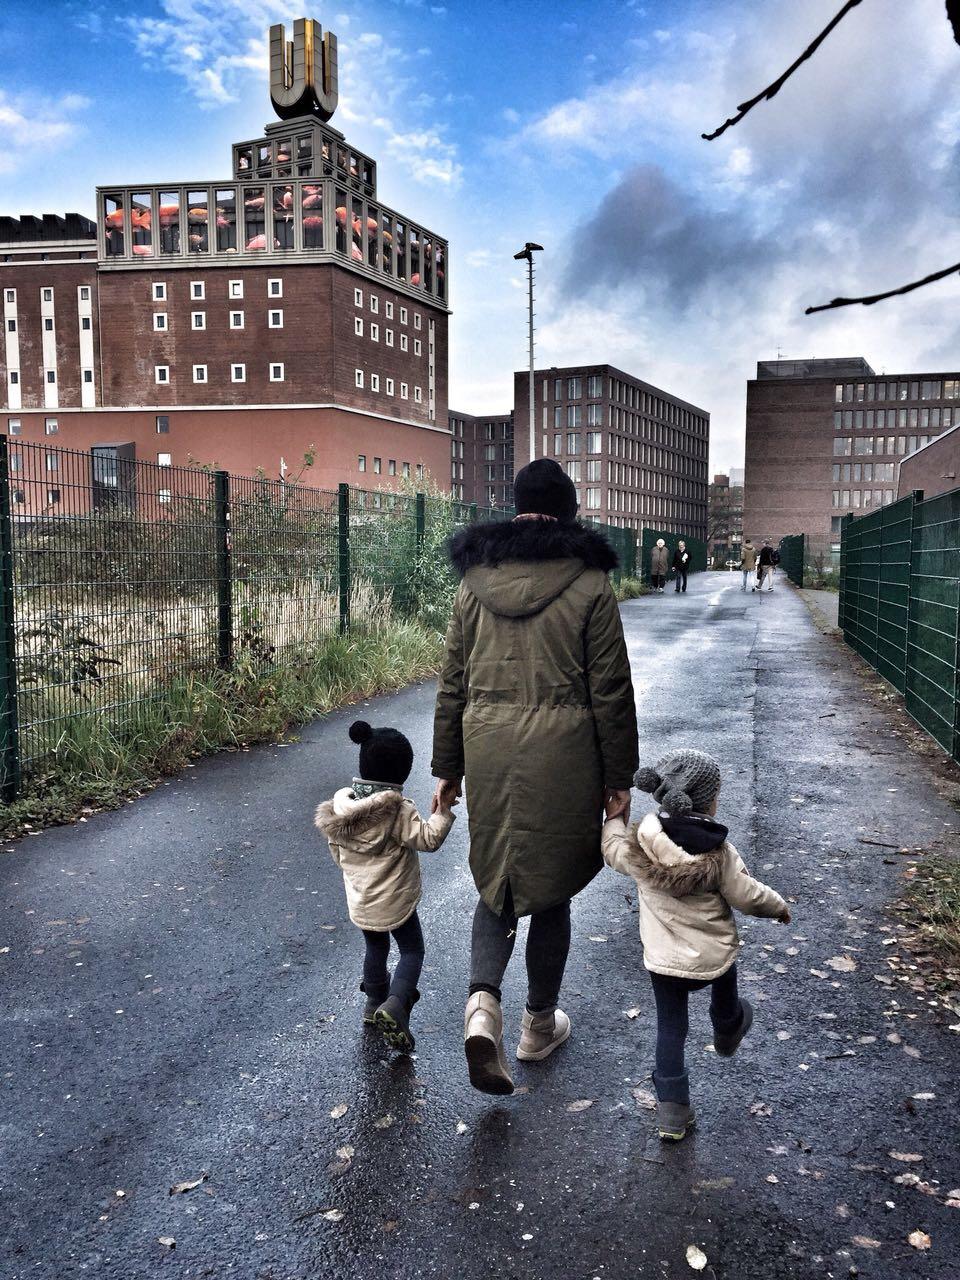 Mama mit Kleinkindern Spaziergang zweijährige Zwillinge